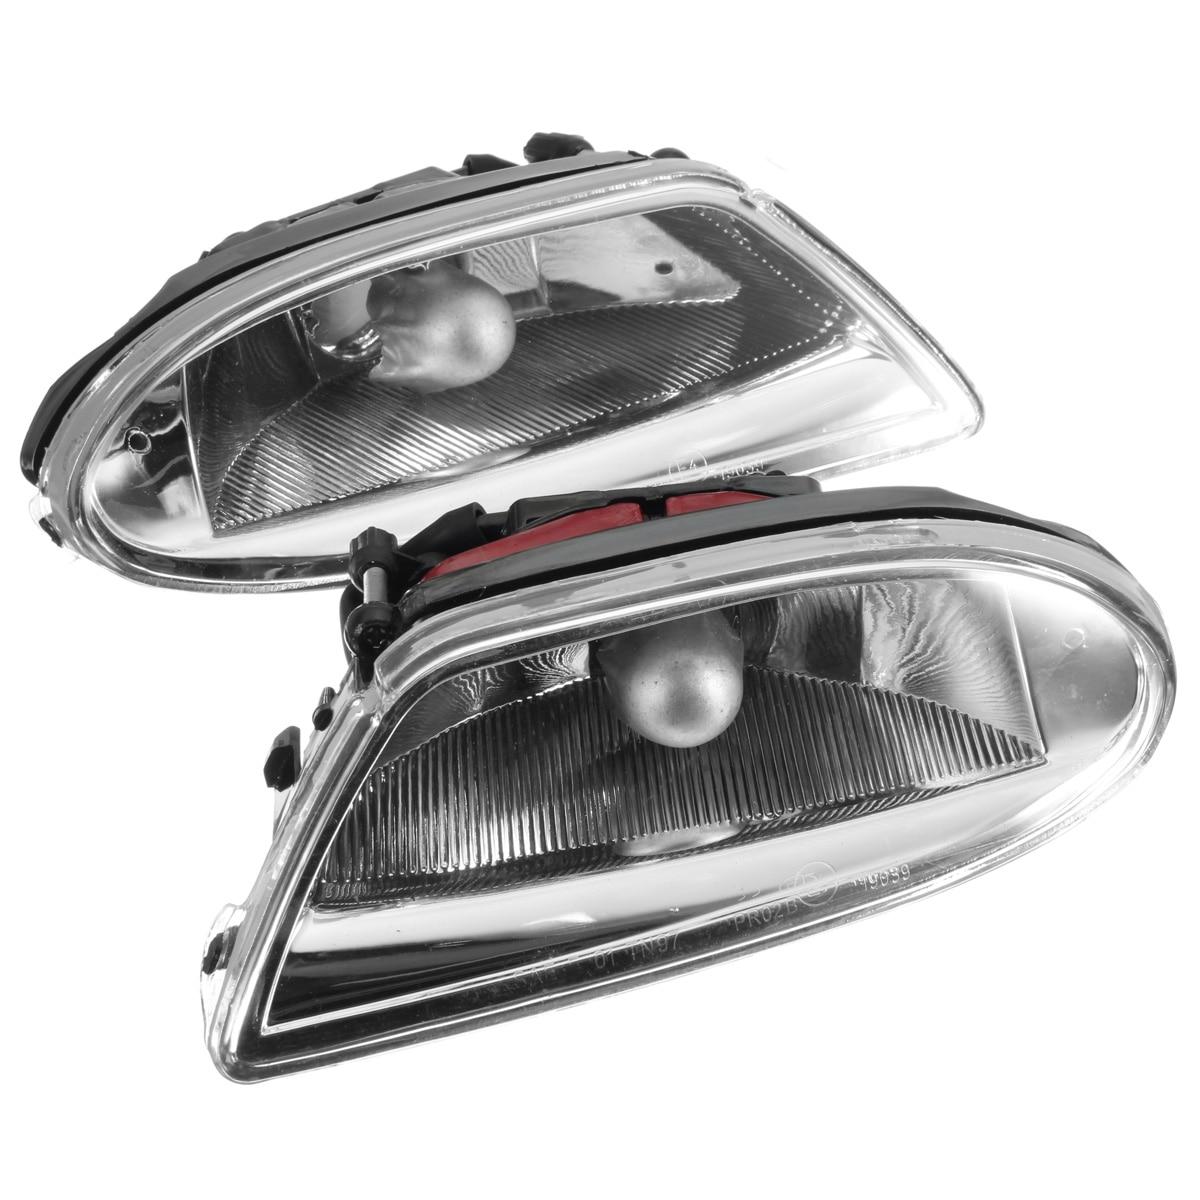 Левый и правый автомобильный противотуманный светильник в сборе для Mercedes, для Benz ML ML350 ML500 ML430 ML320 ML55 Для AMG 1638200428 1638200328